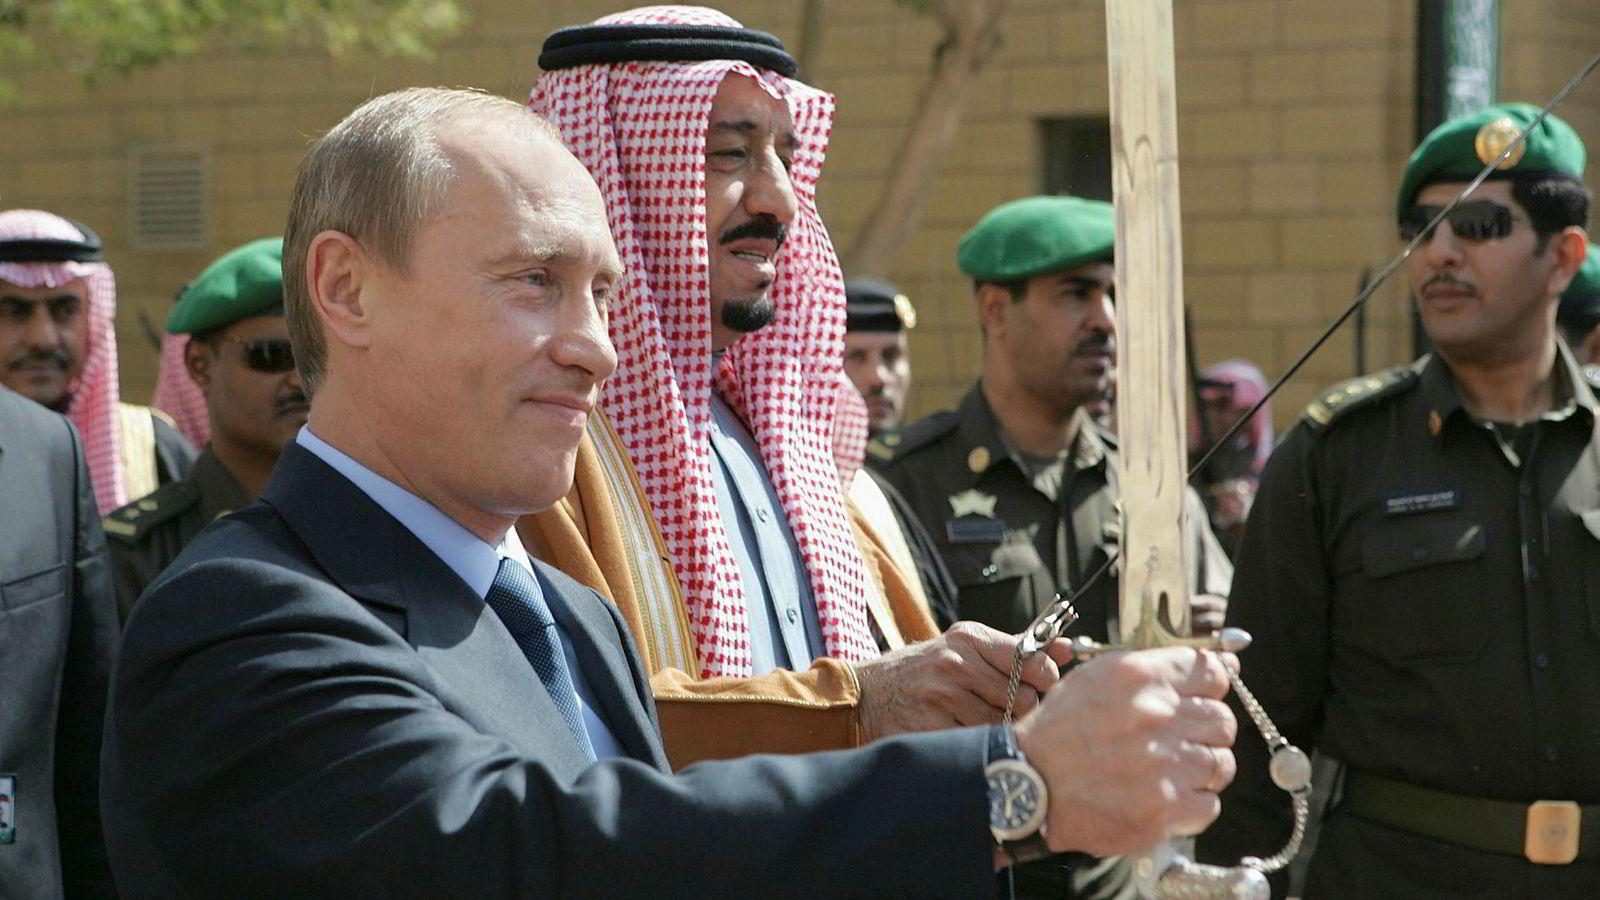 Torsdag møtes Russlands president Vladimir Putin og Saudi-Arabias kong Salman i Moskva. Her fra Putins besøk i Riyiadh i Saudi-Arabia i 2007.